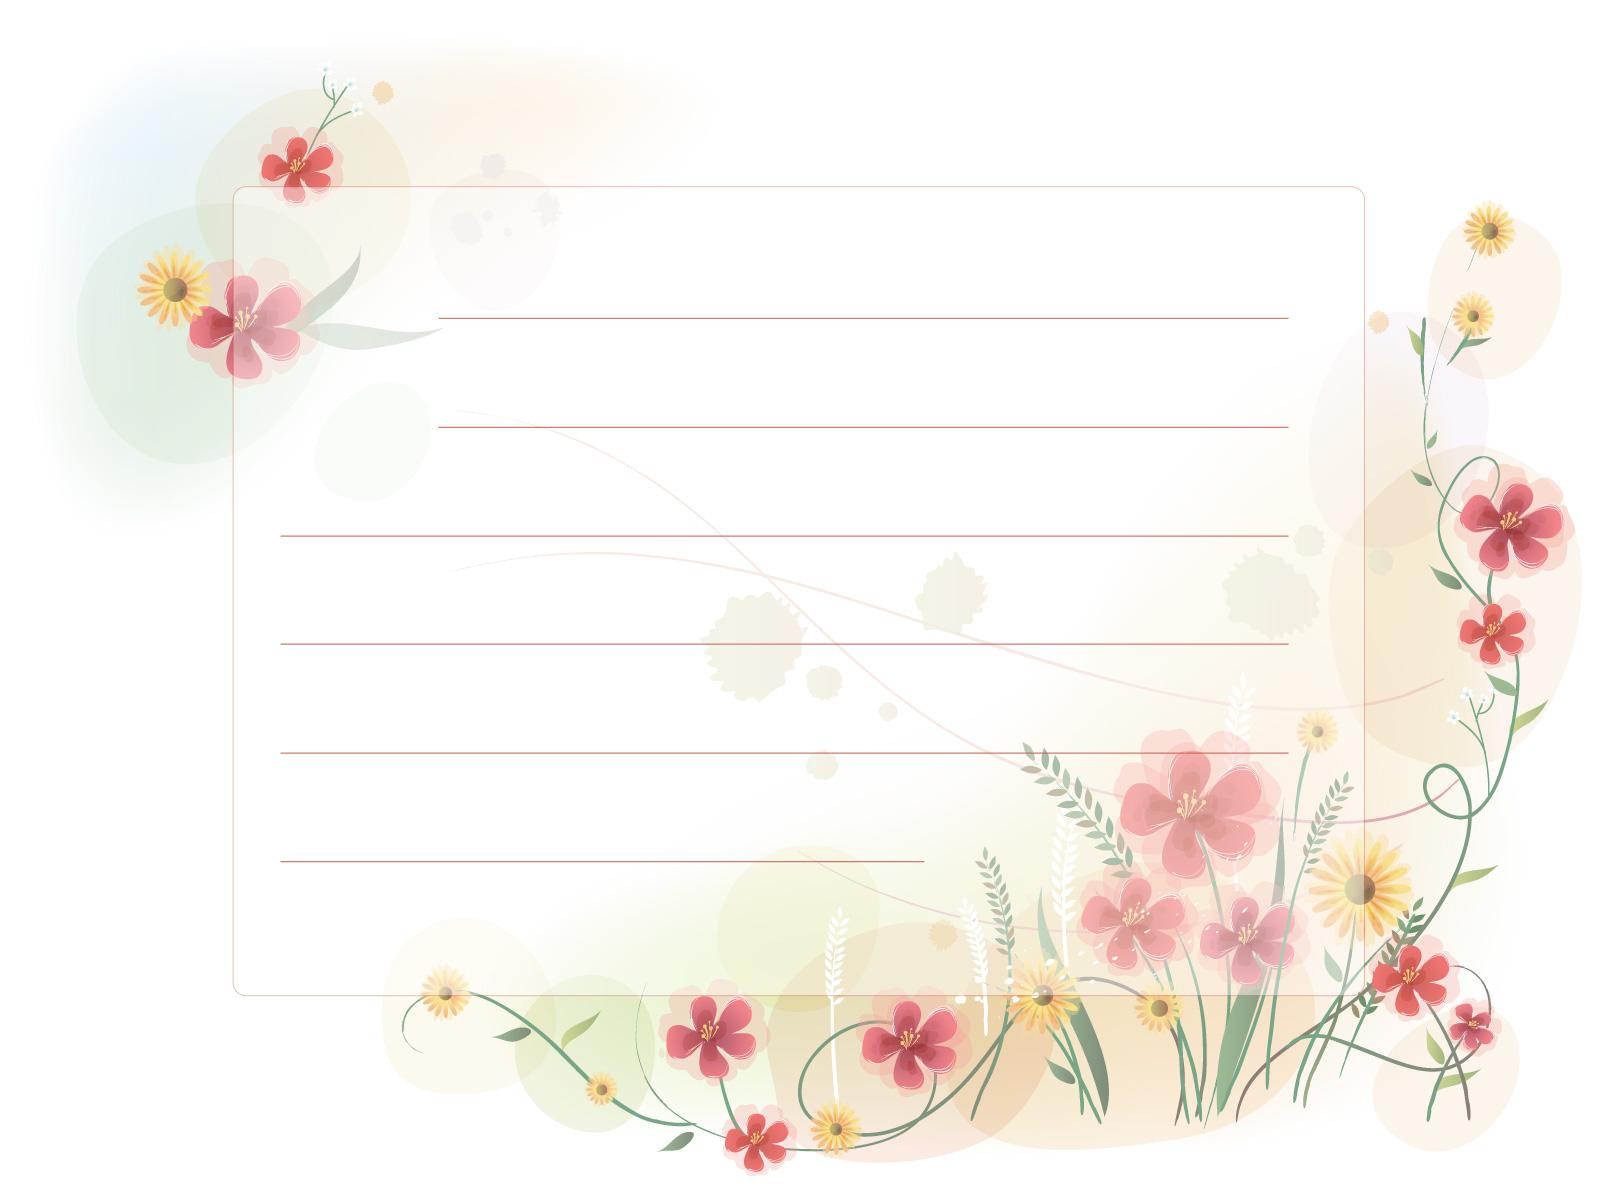 Plantillas para cartas | Solountip.